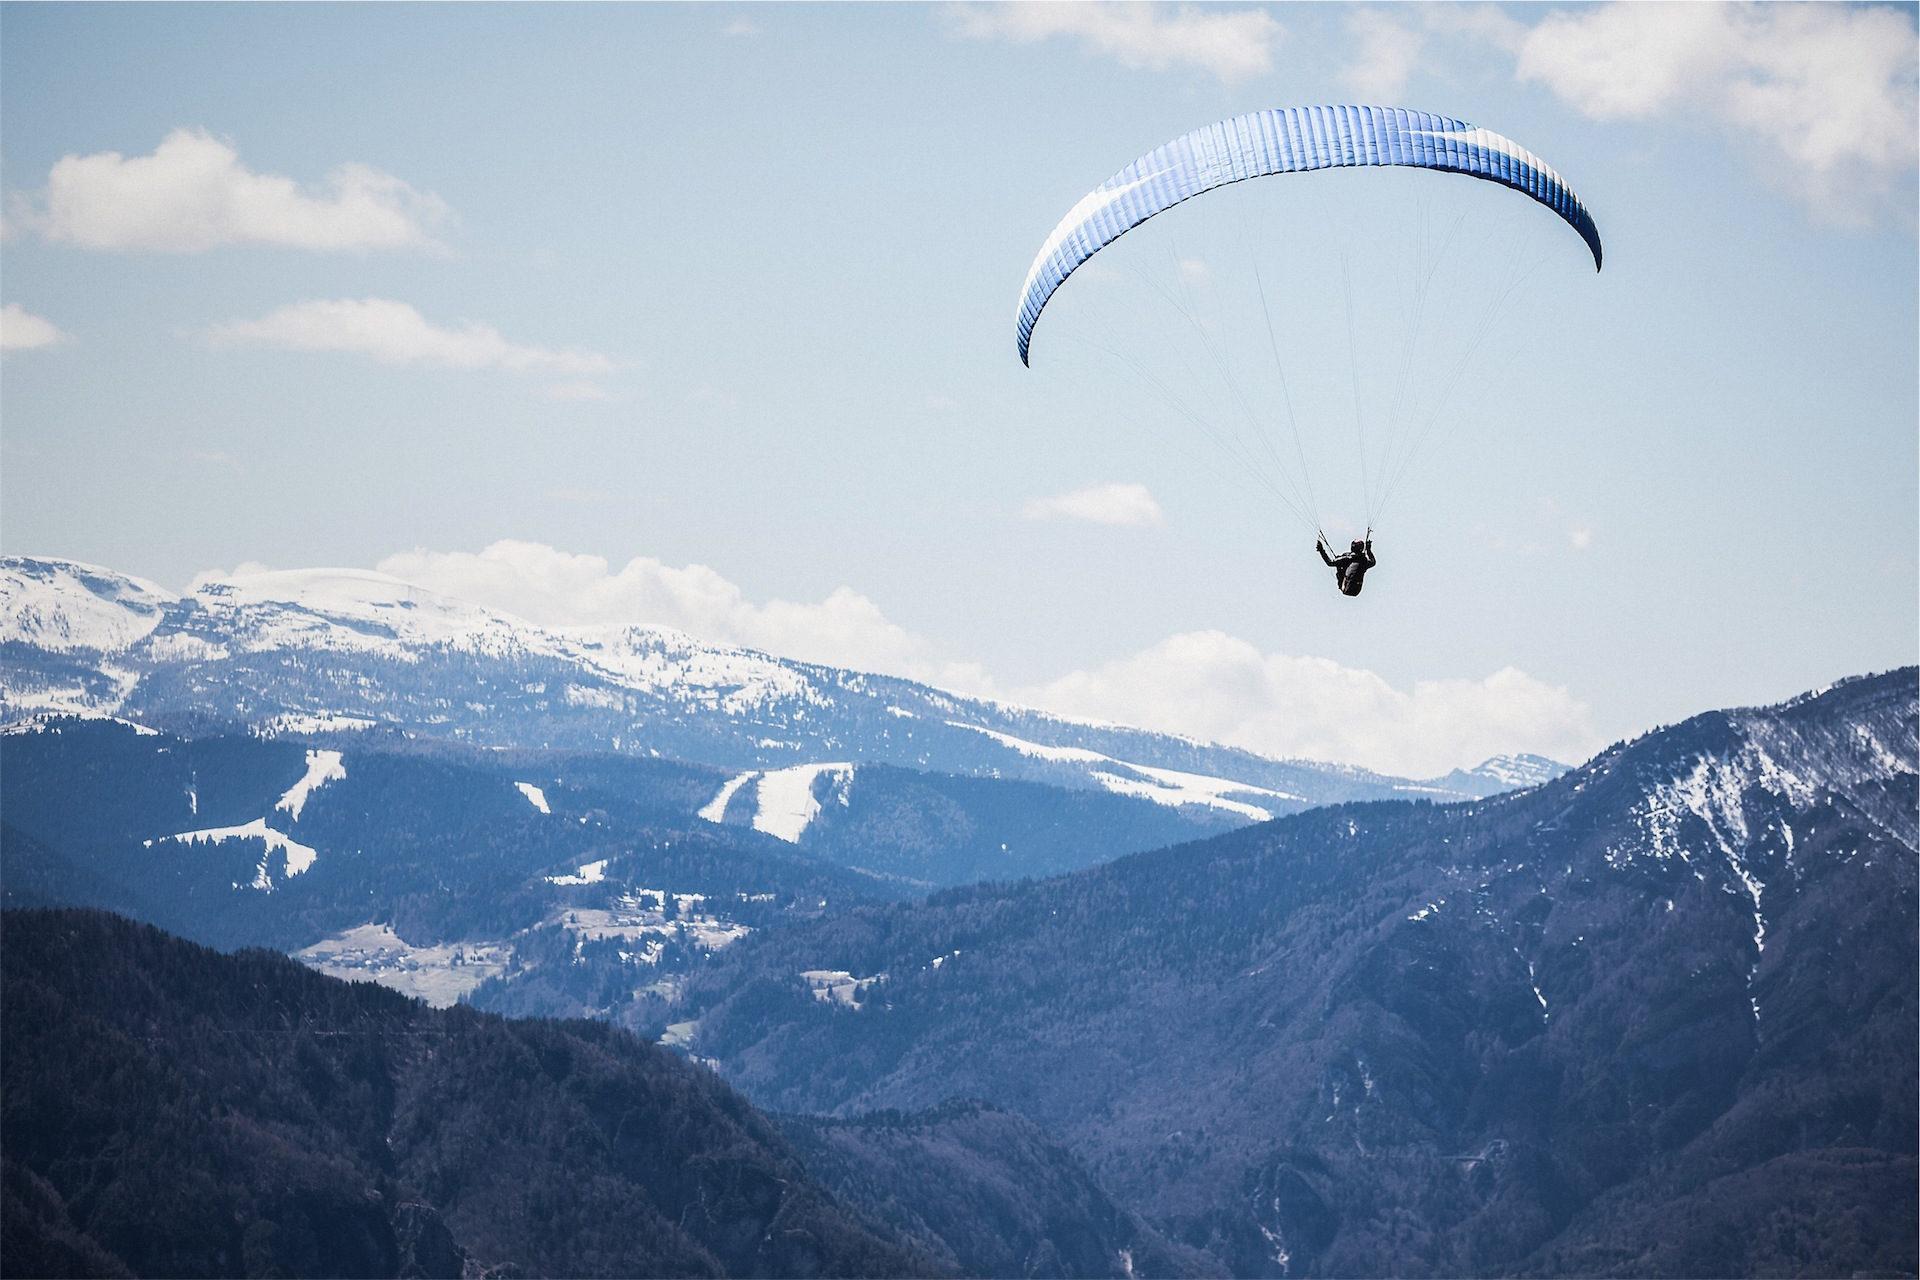 paracaidismo, paracaidas, volar, montañas, cielo - Fondos de Pantalla HD - professor-falken.com